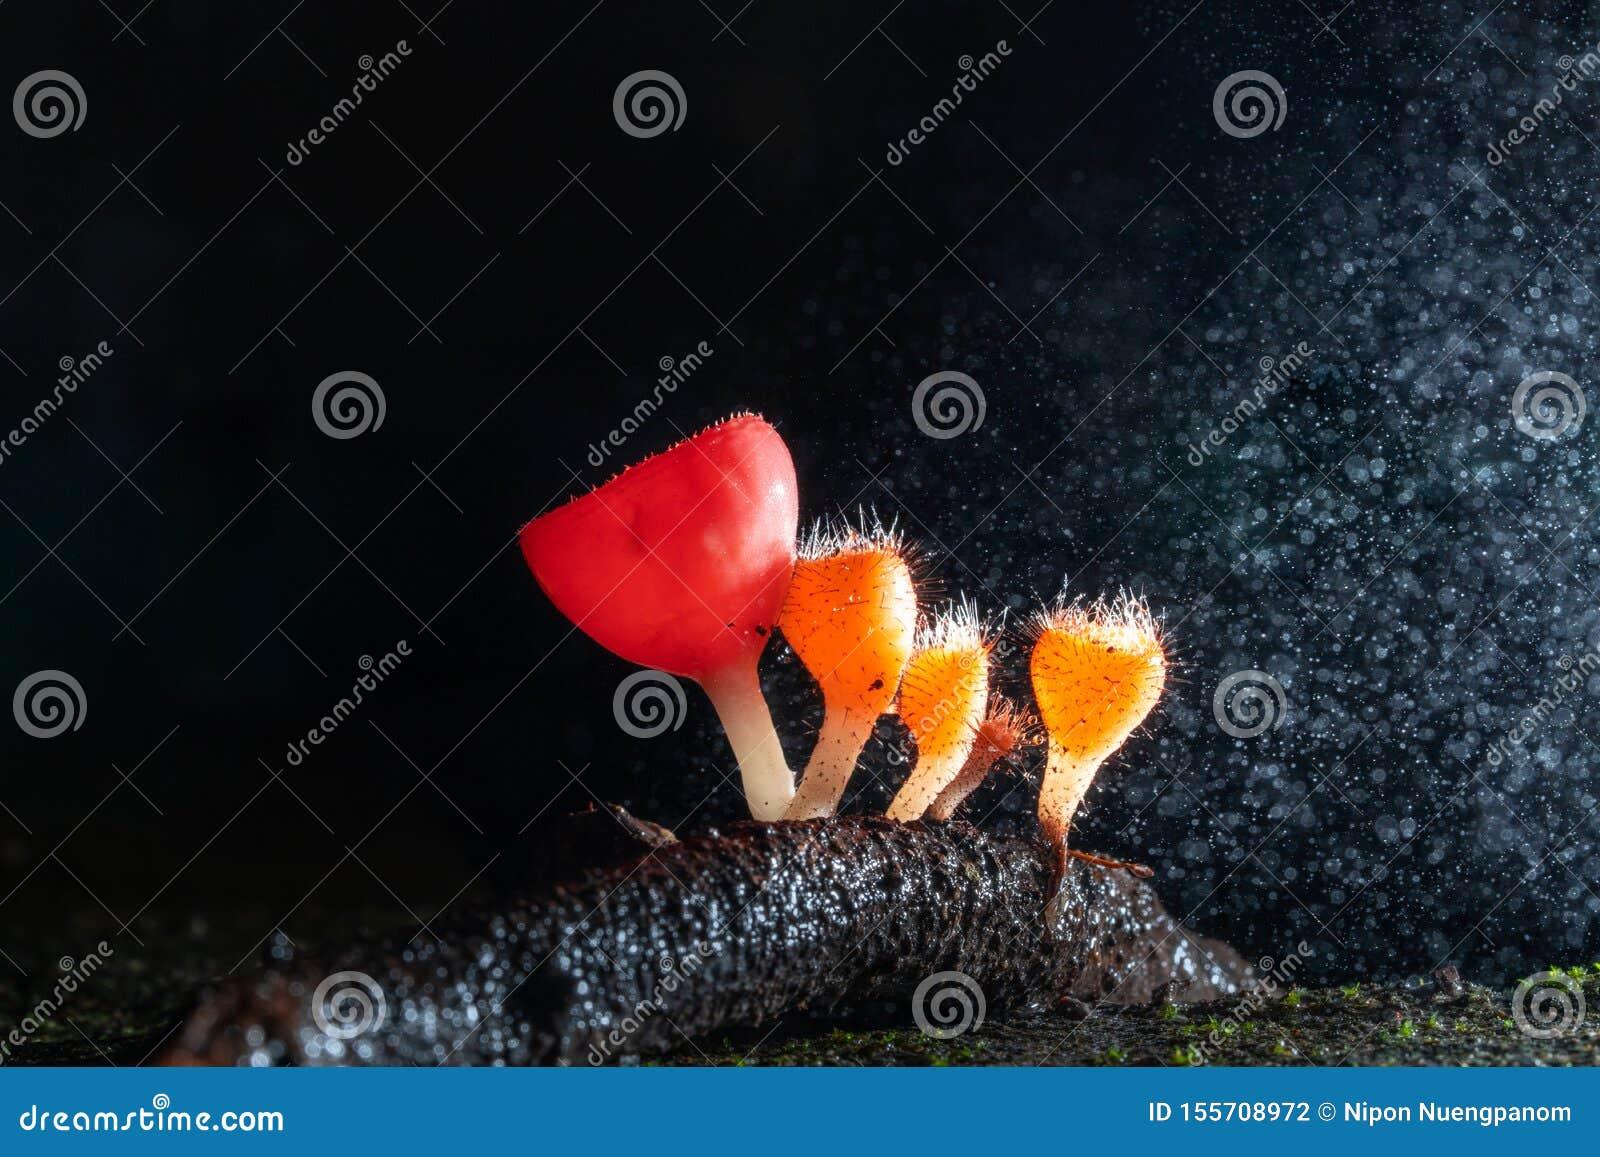 Macro photographie de champignon de Cookeina dans la forêt tropicale, champignon orange minuscule de Cookeina